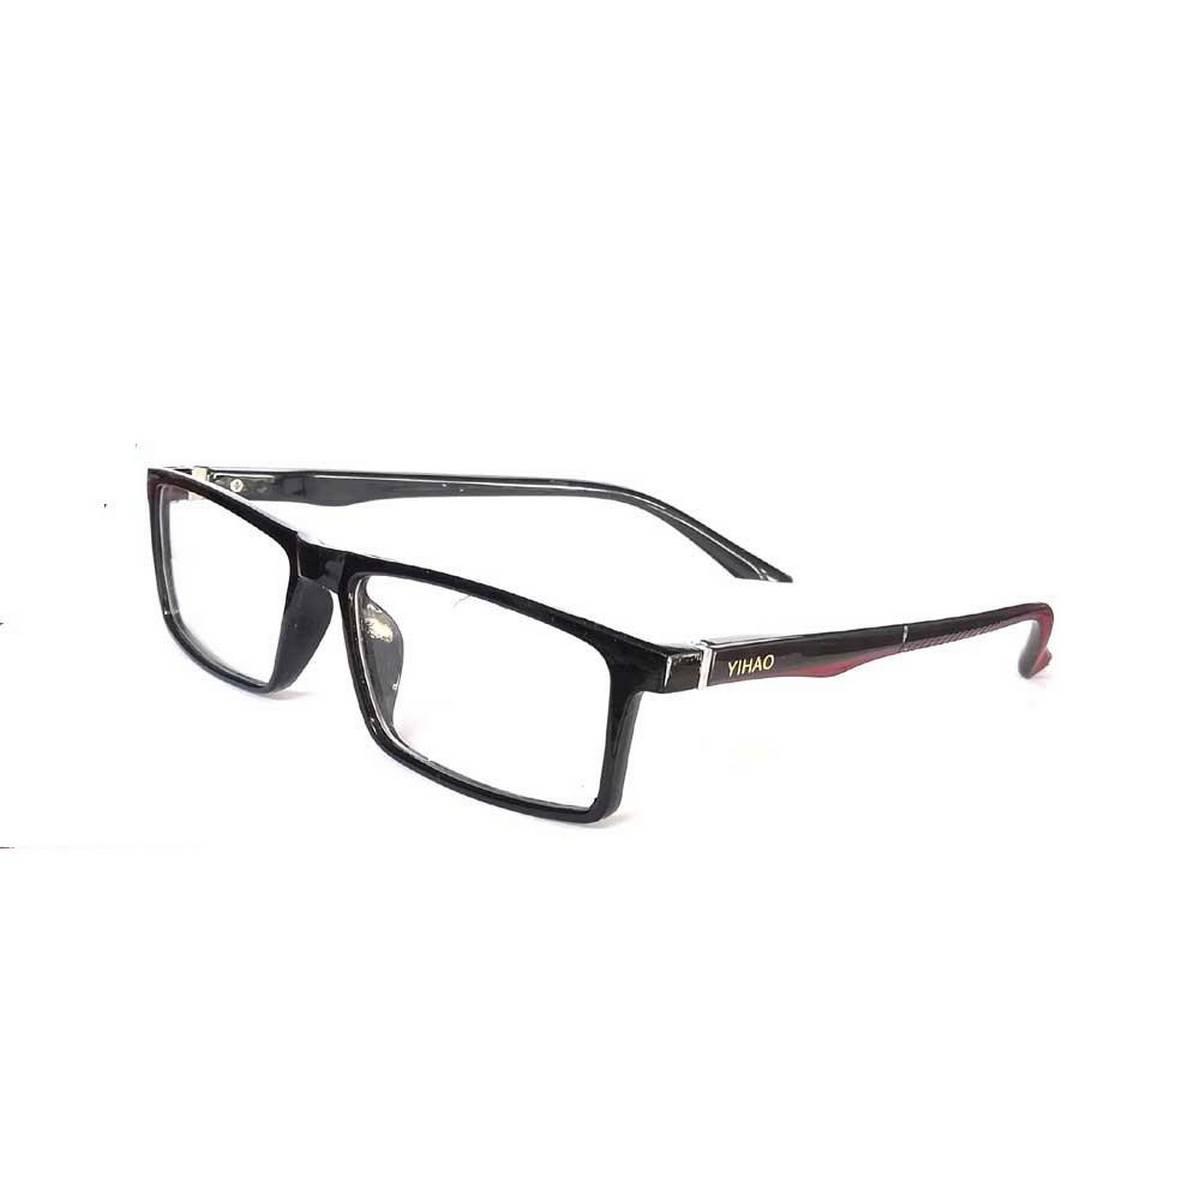 Rangeen Eyesight Frame Glasses for Men/Women +1.00/+1.50/+2.00/+2.50/+3.00/+3.50/+4.00